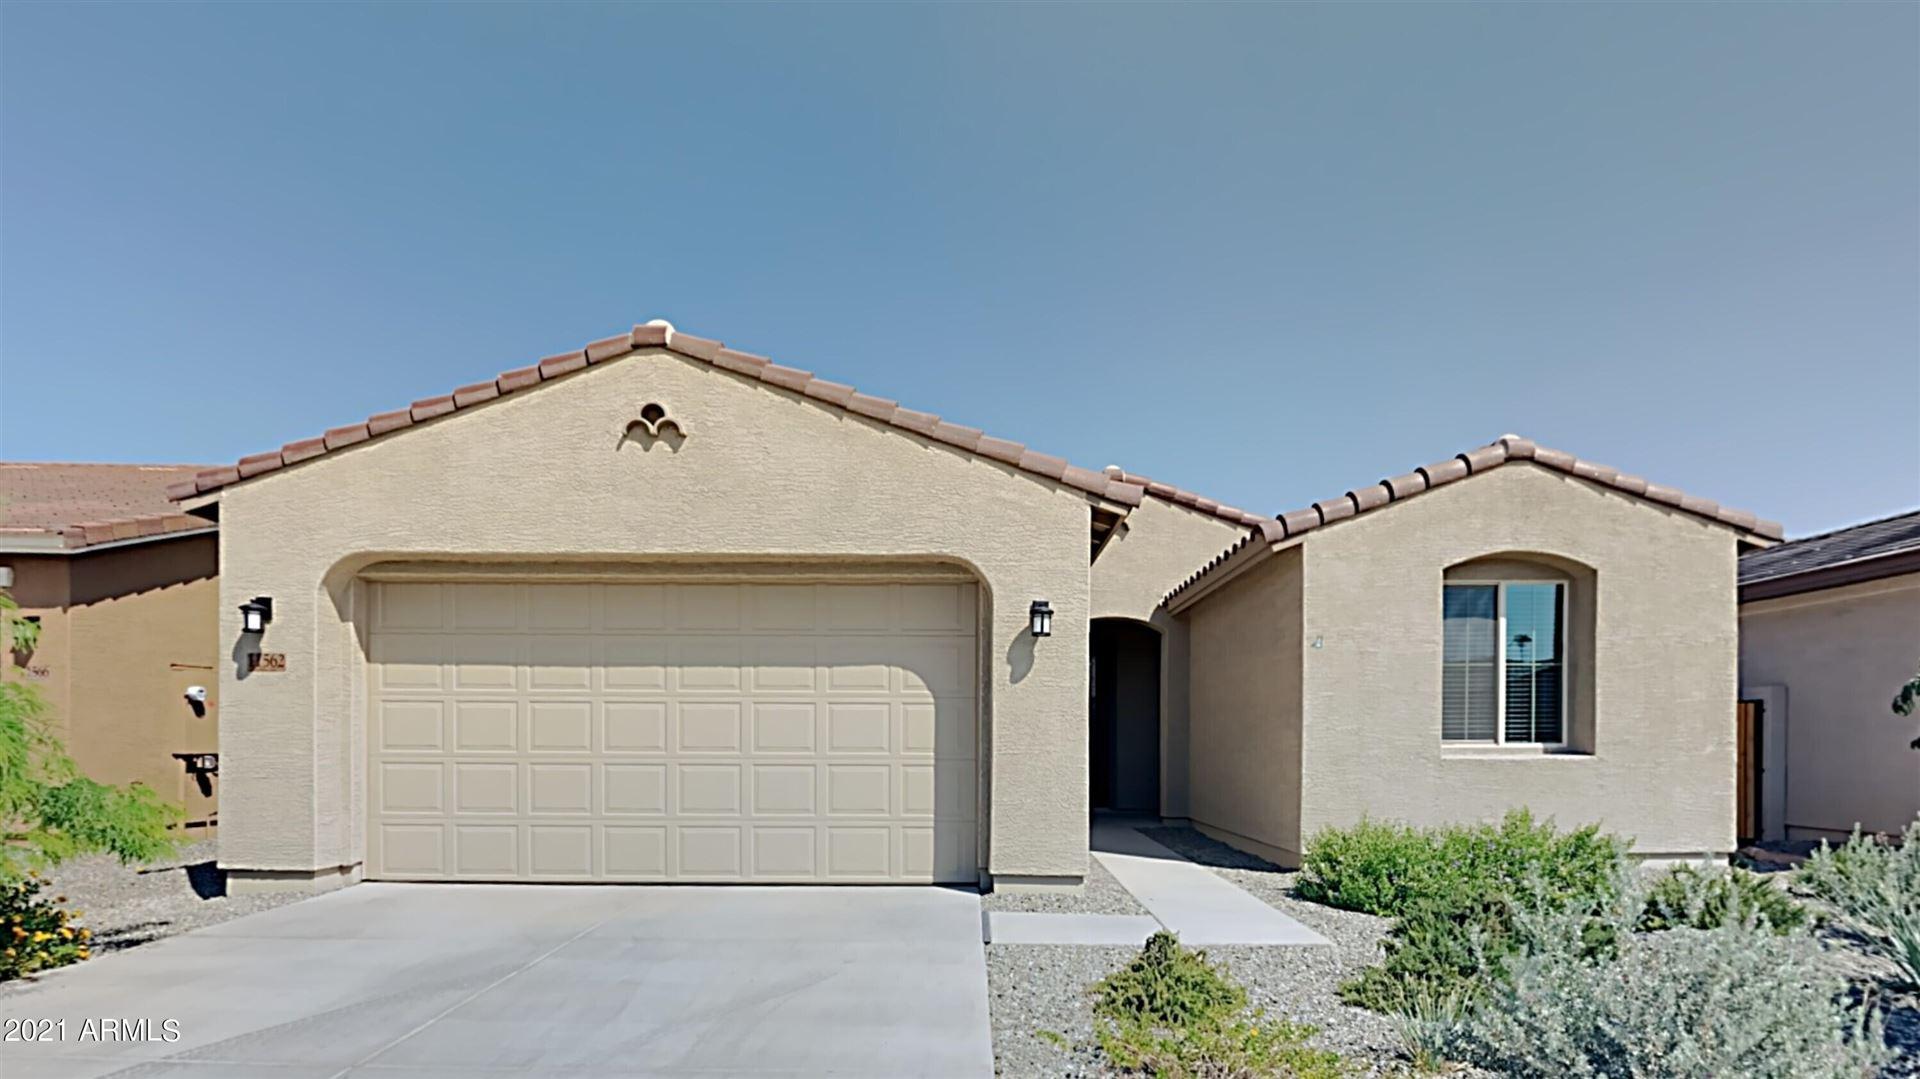 Photo of 11562 W LEVI Drive, Avondale, AZ 85323 (MLS # 6295481)